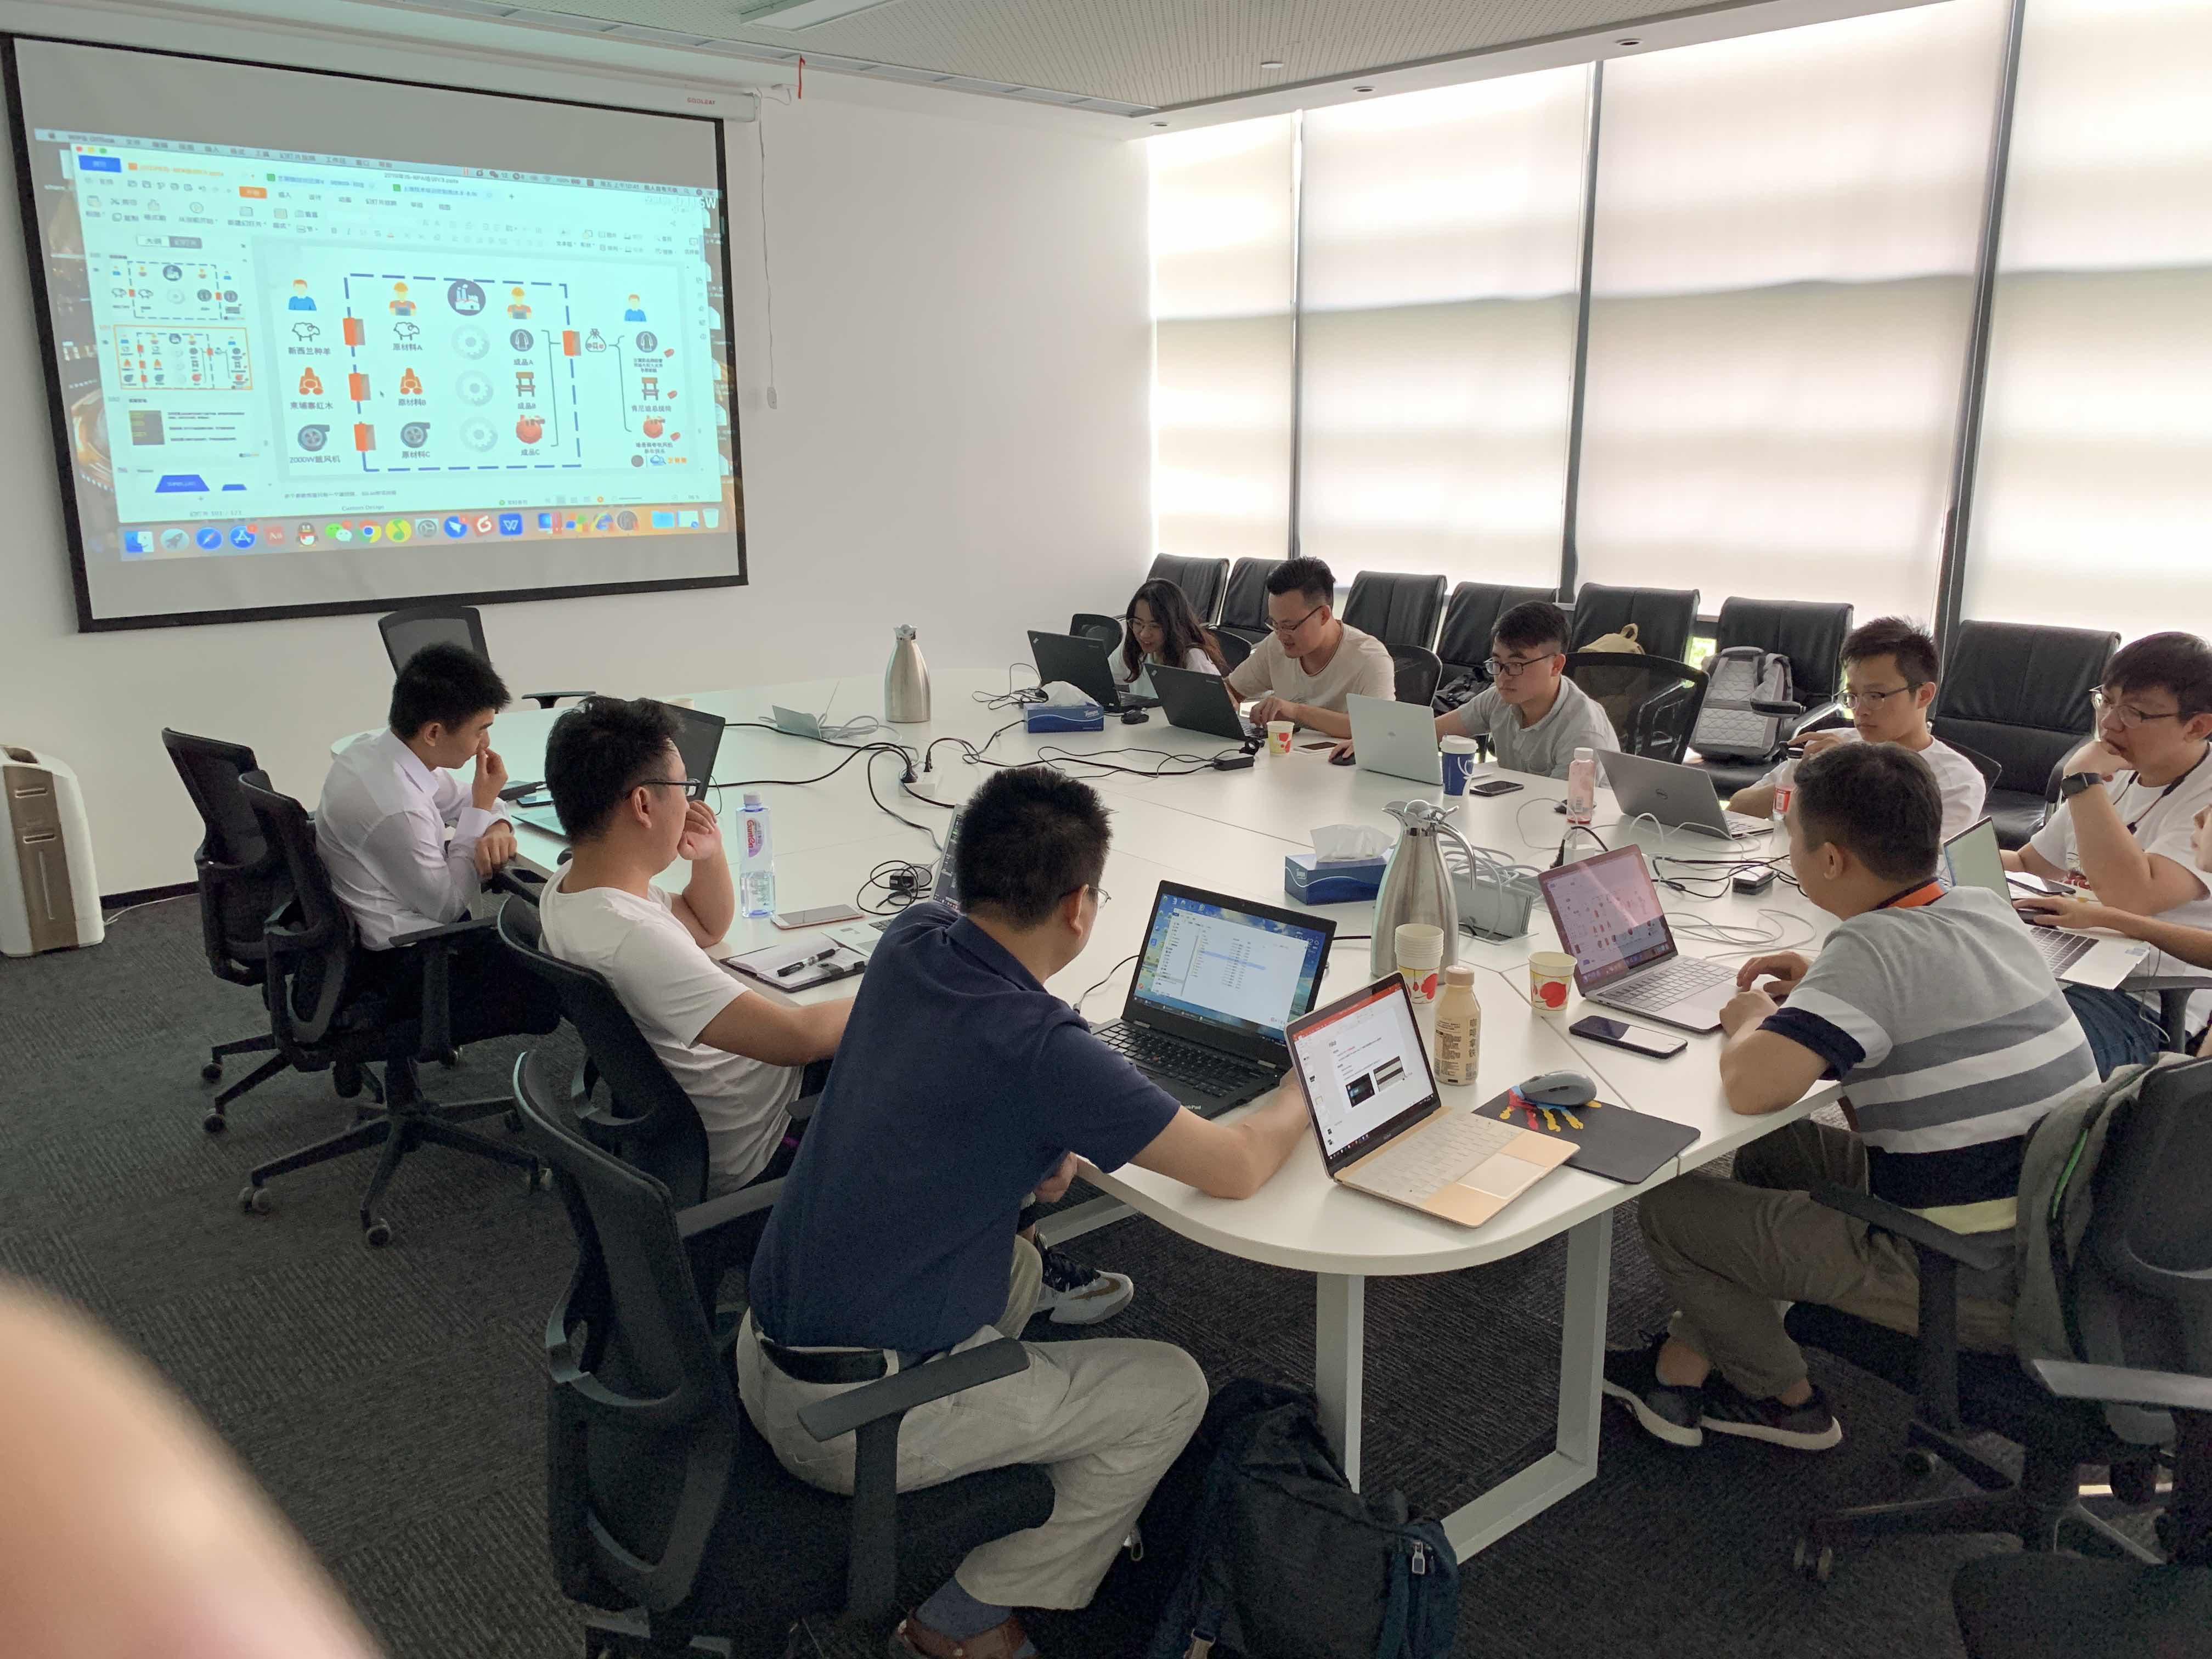 iS-RPA 技术认证培训 上海 20190808 班 - 培训完成